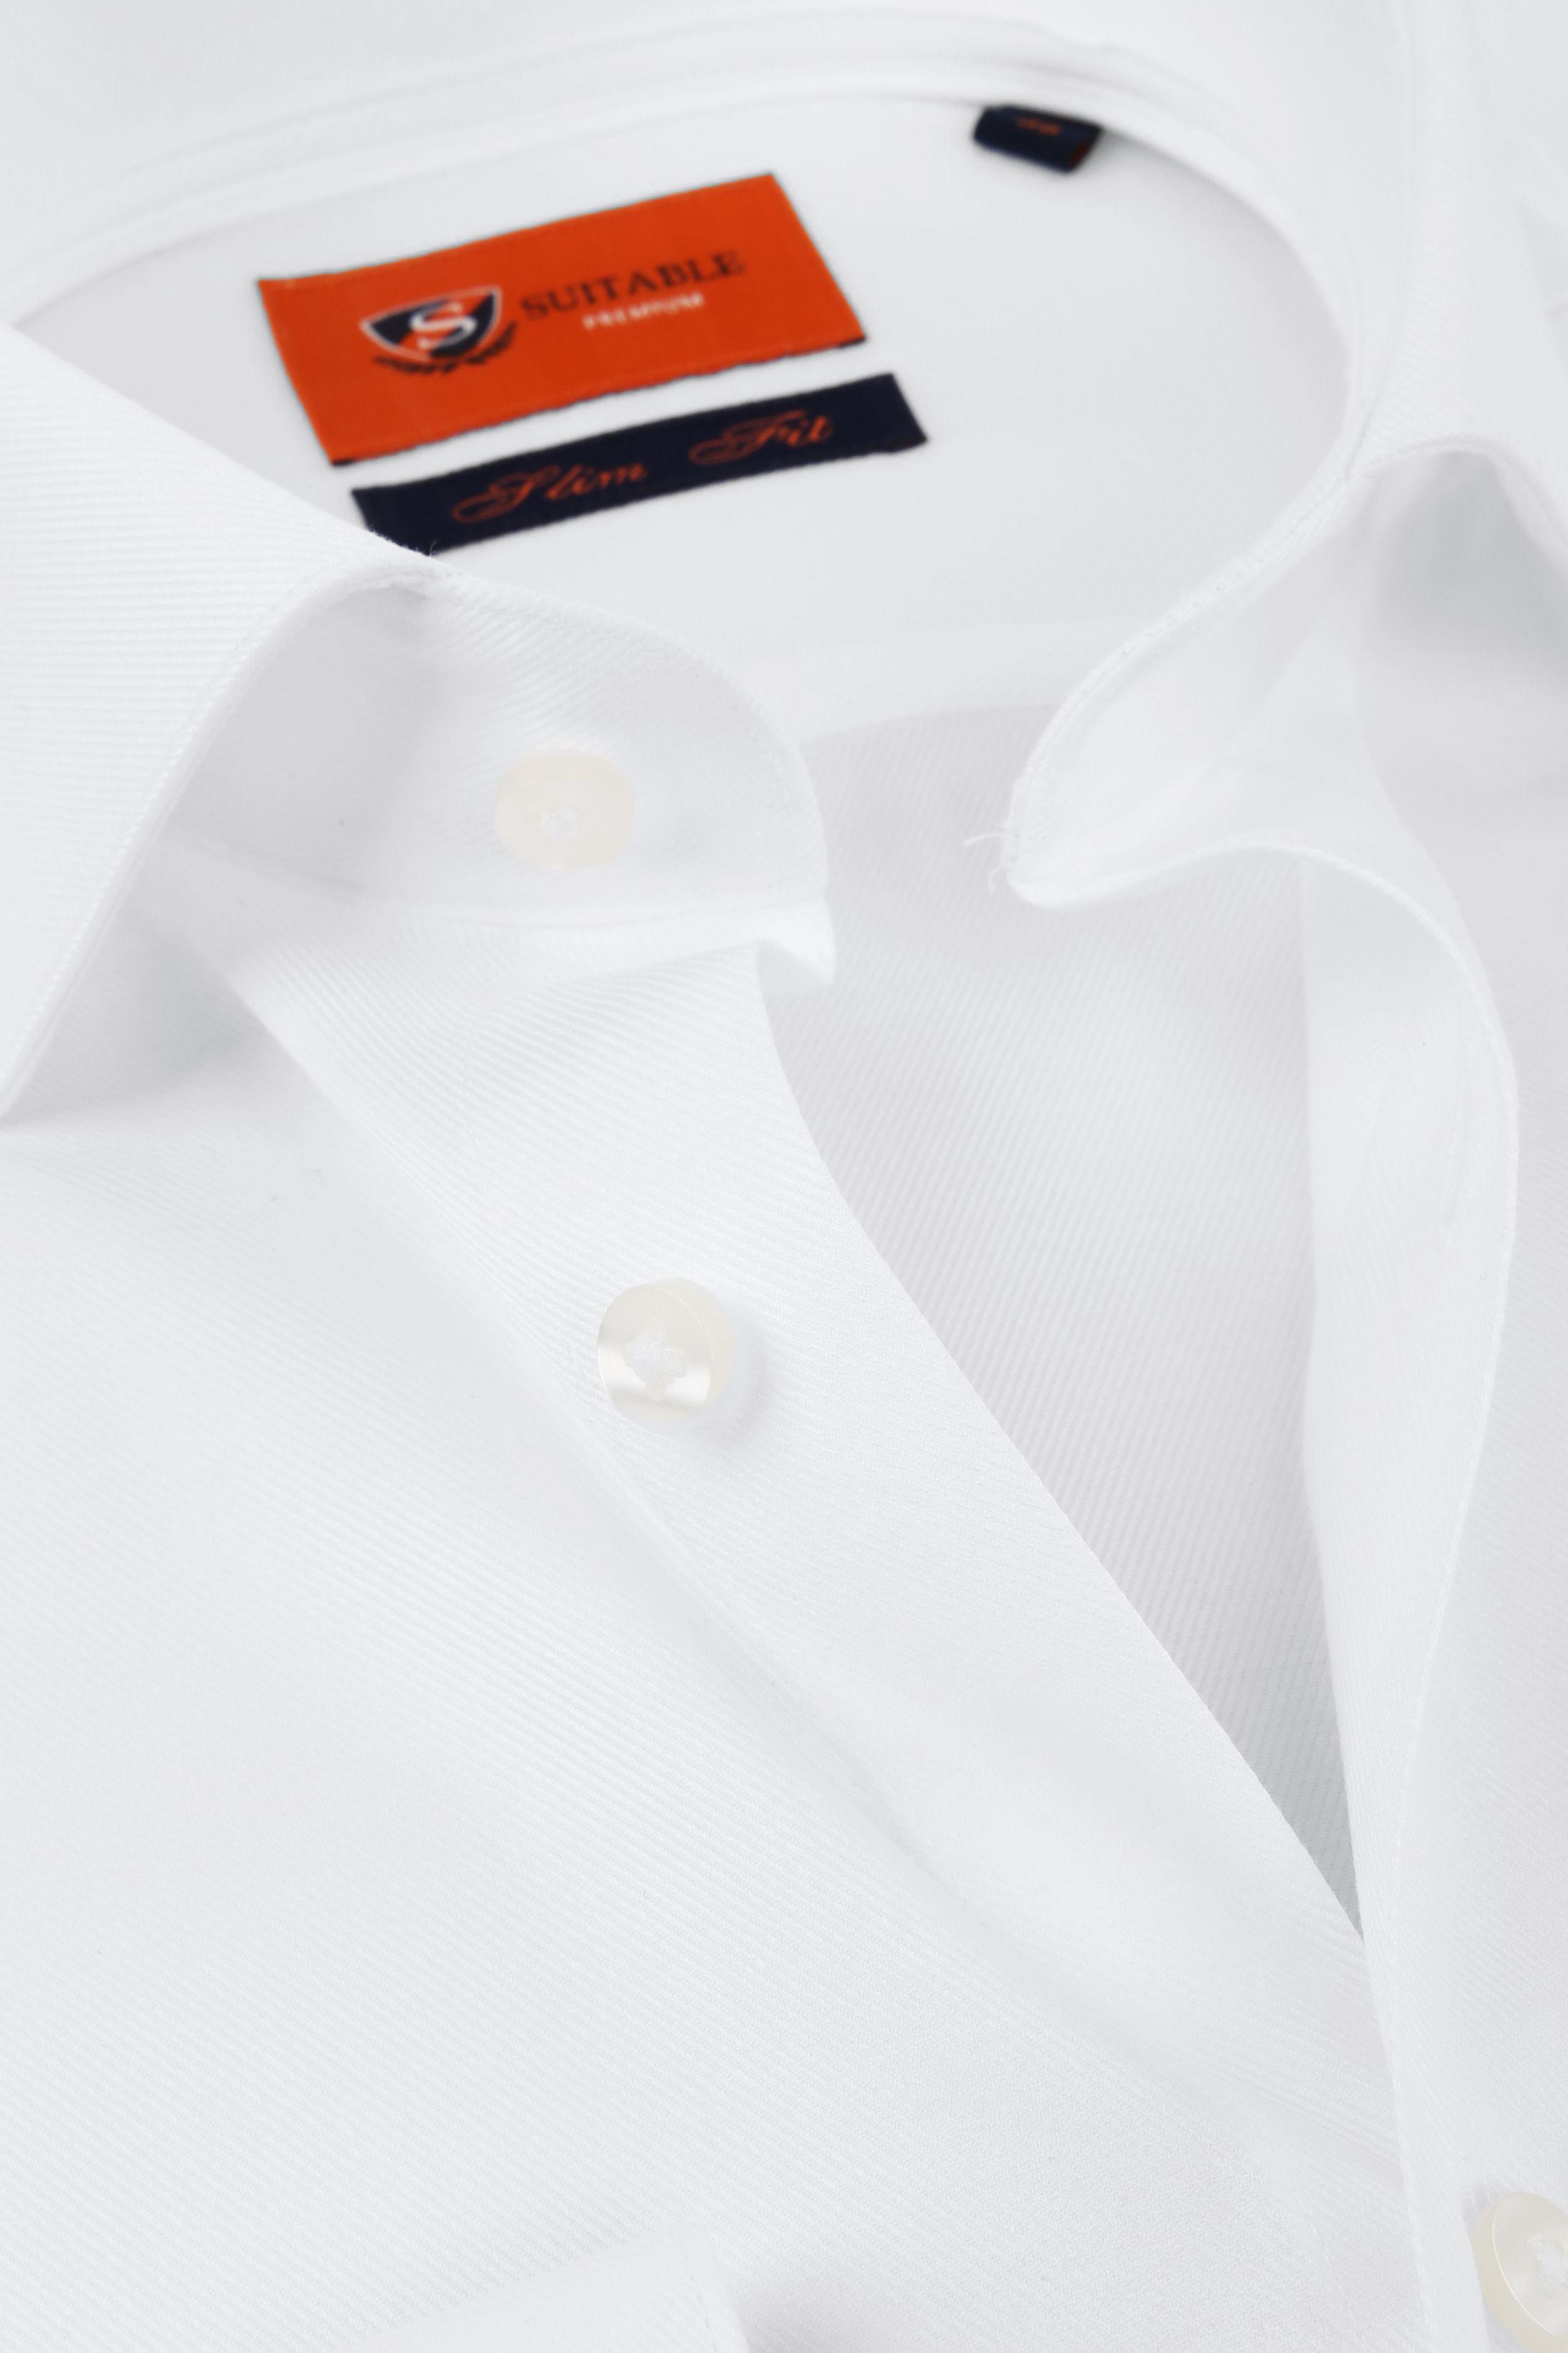 Suitable White Shirt Slim Fit DR-01